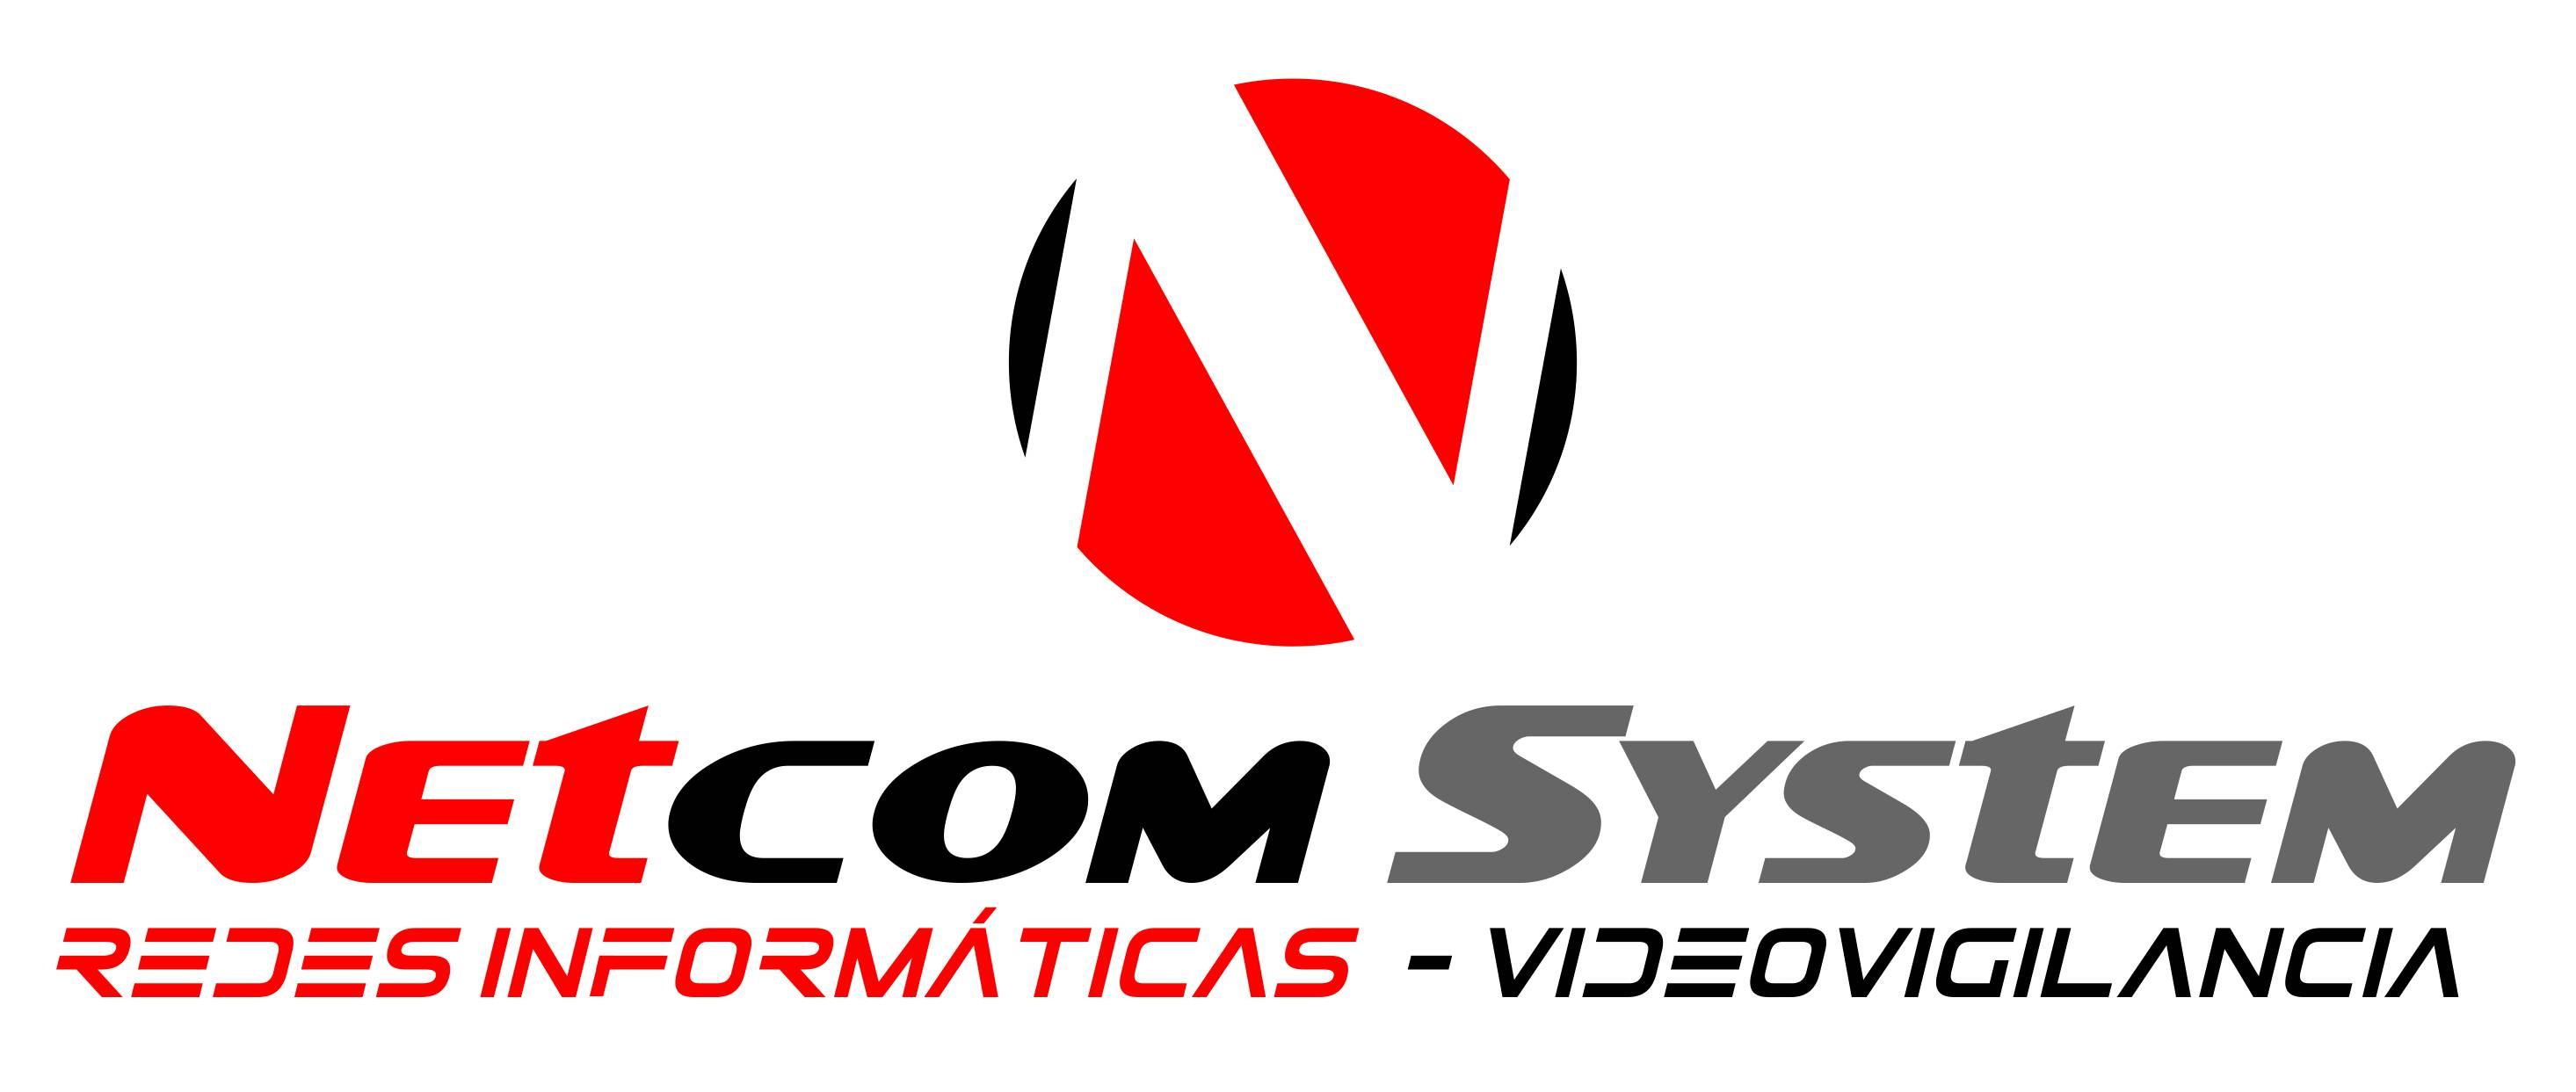 Netcom System